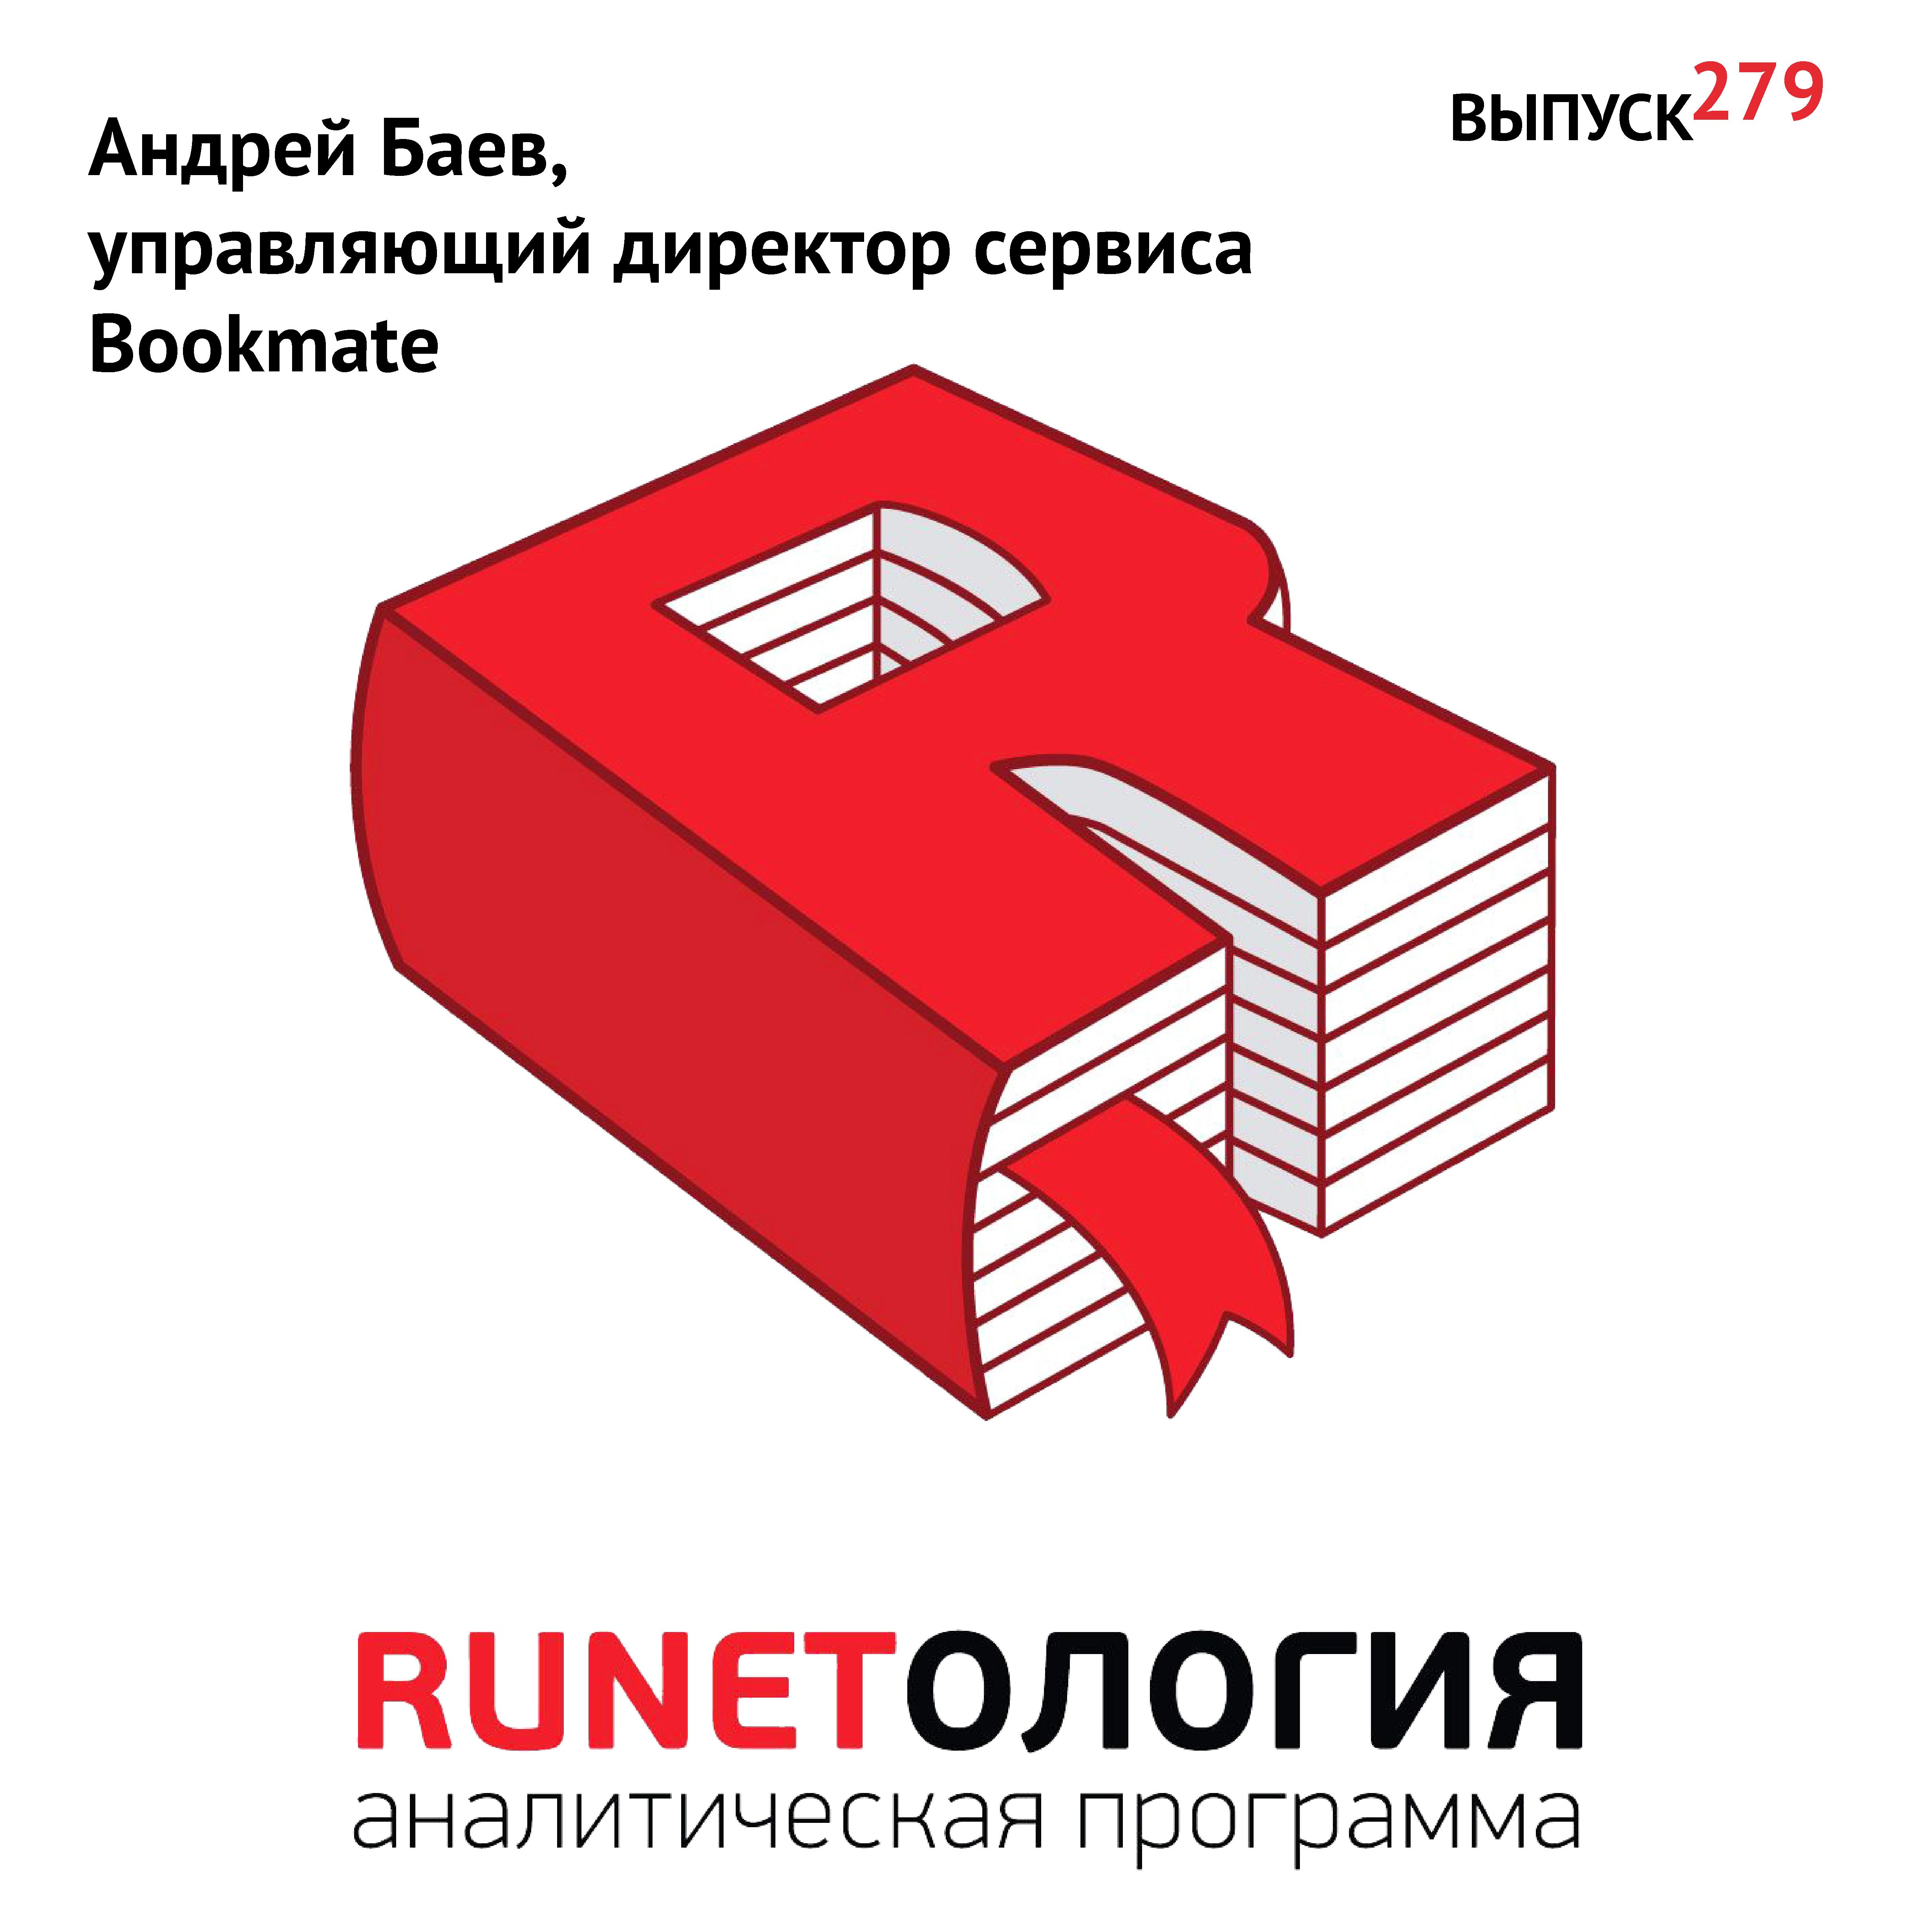 Максим Спиридонов Андрей Баев, управляющий директор сервиса Bookmate